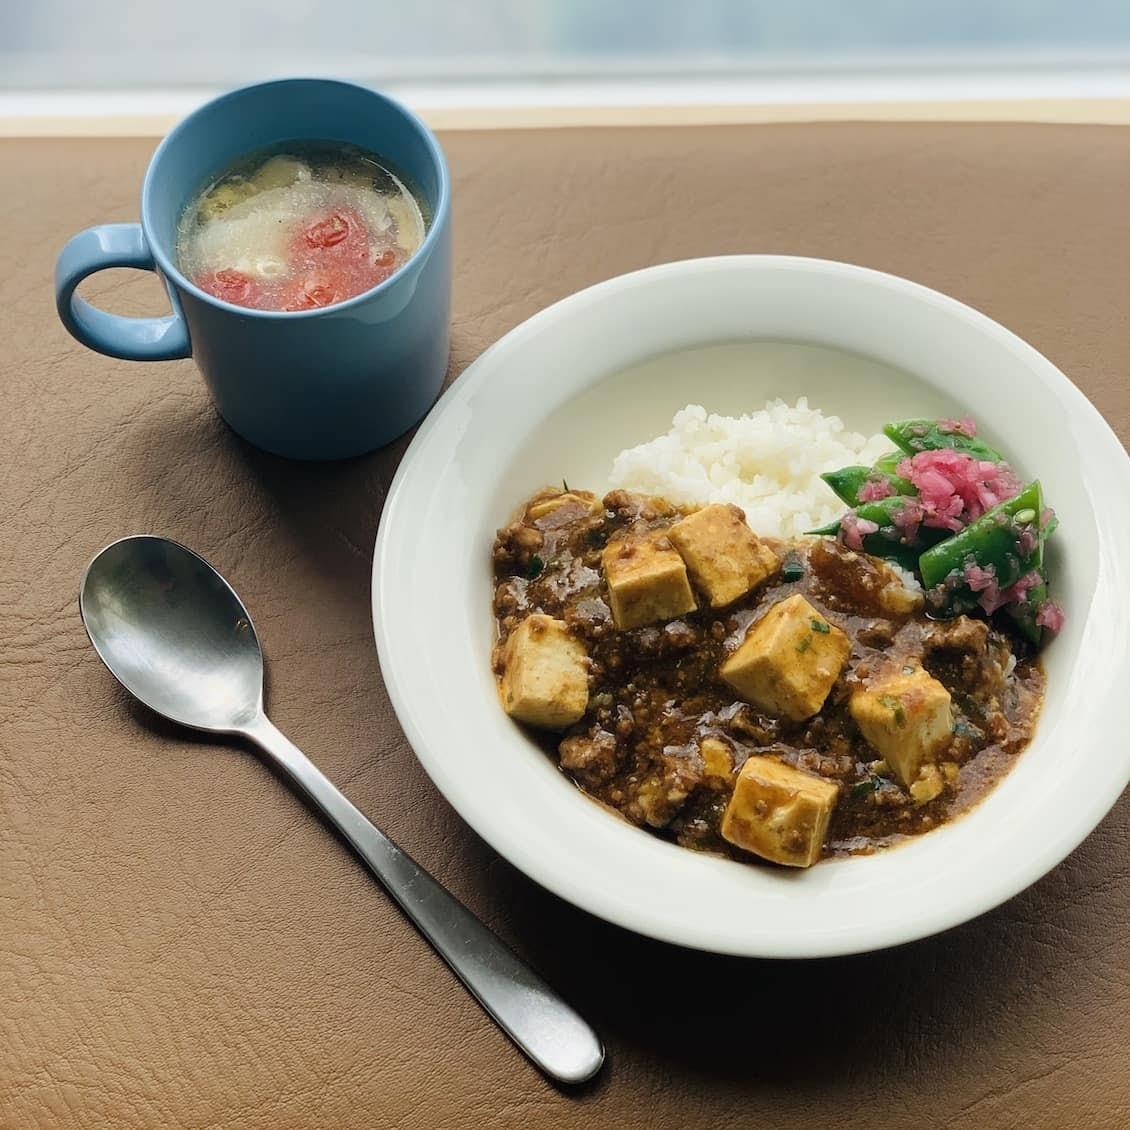 【クラシコムの社員食堂】丼はあえて「スープ皿」に? 麻婆豆腐丼でお昼ごはん